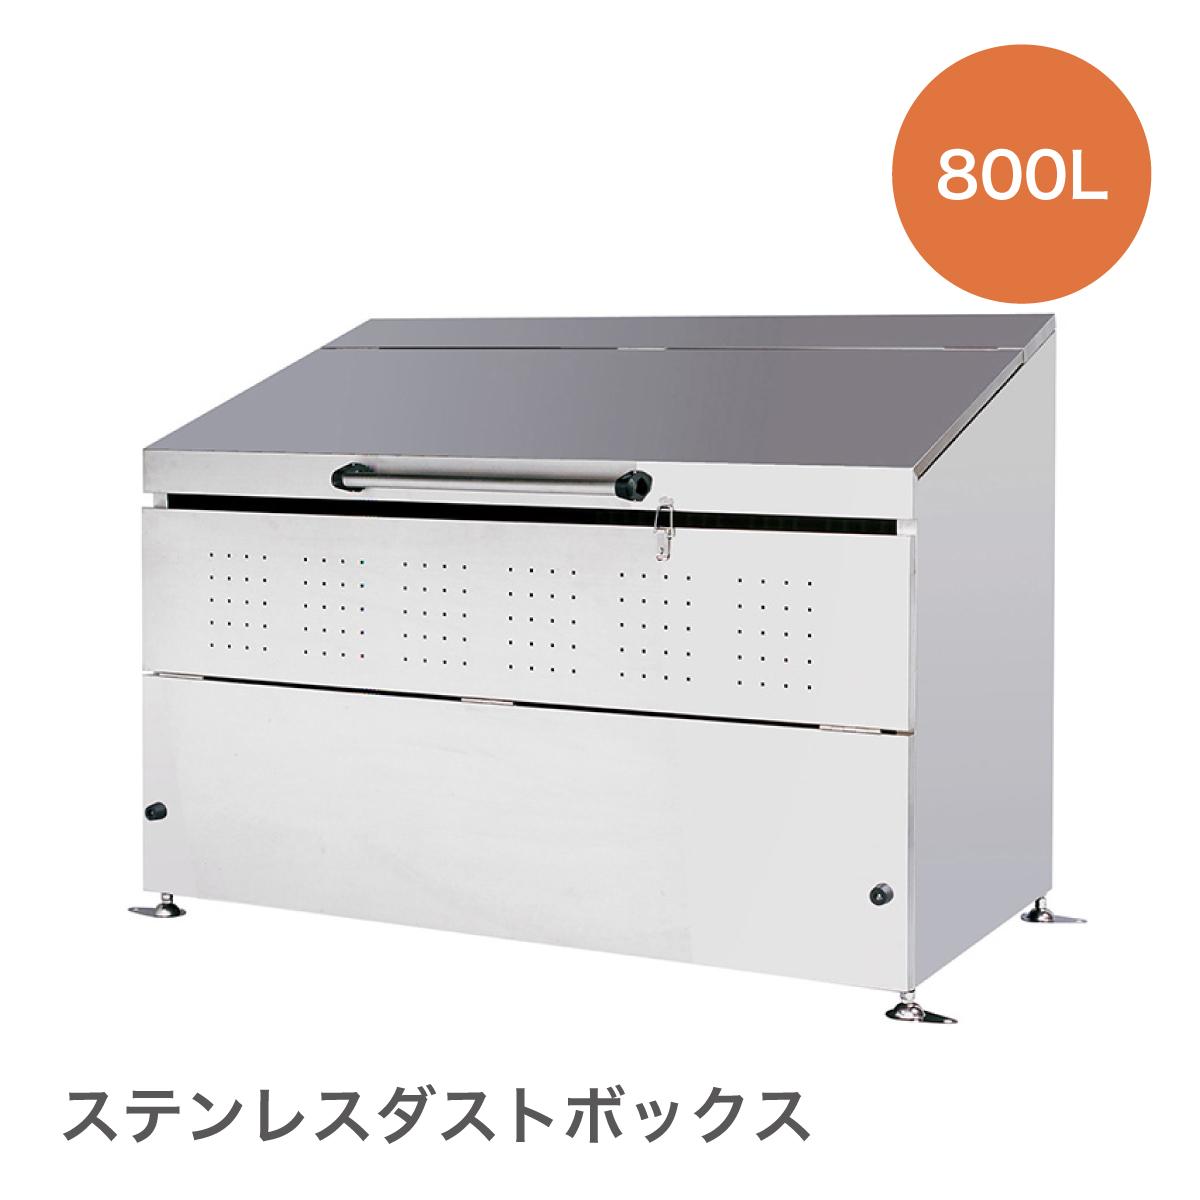 ステンレスダストボックス800L約1500×750×1110(mm)